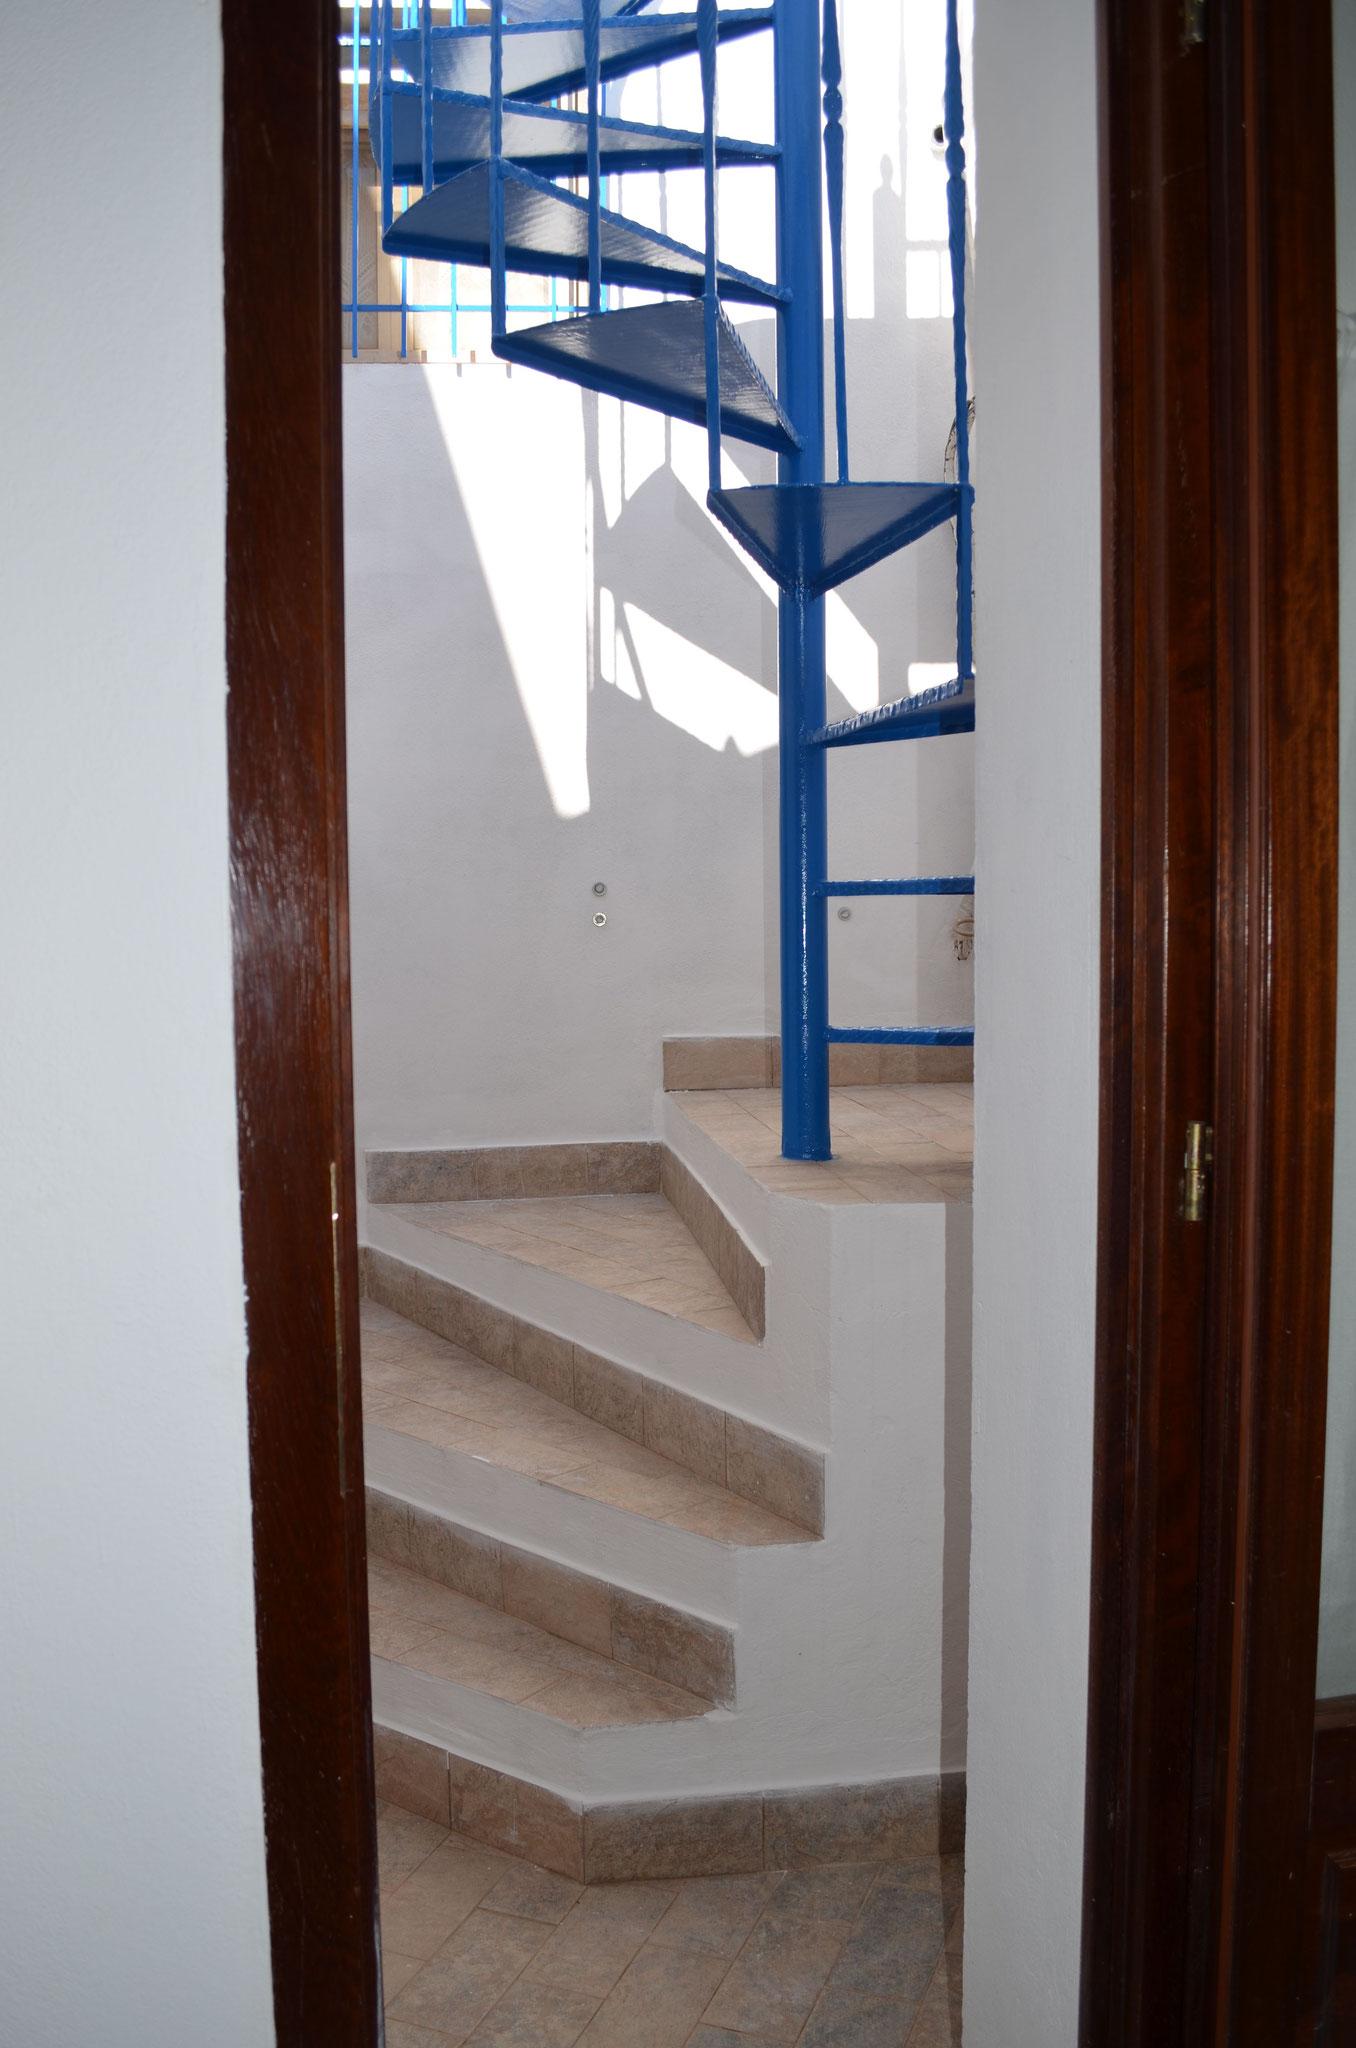 """Escalier en colimaçon pour atteindre le deuxième étage et rejoindre la chambre """"Le Belvédère"""""""